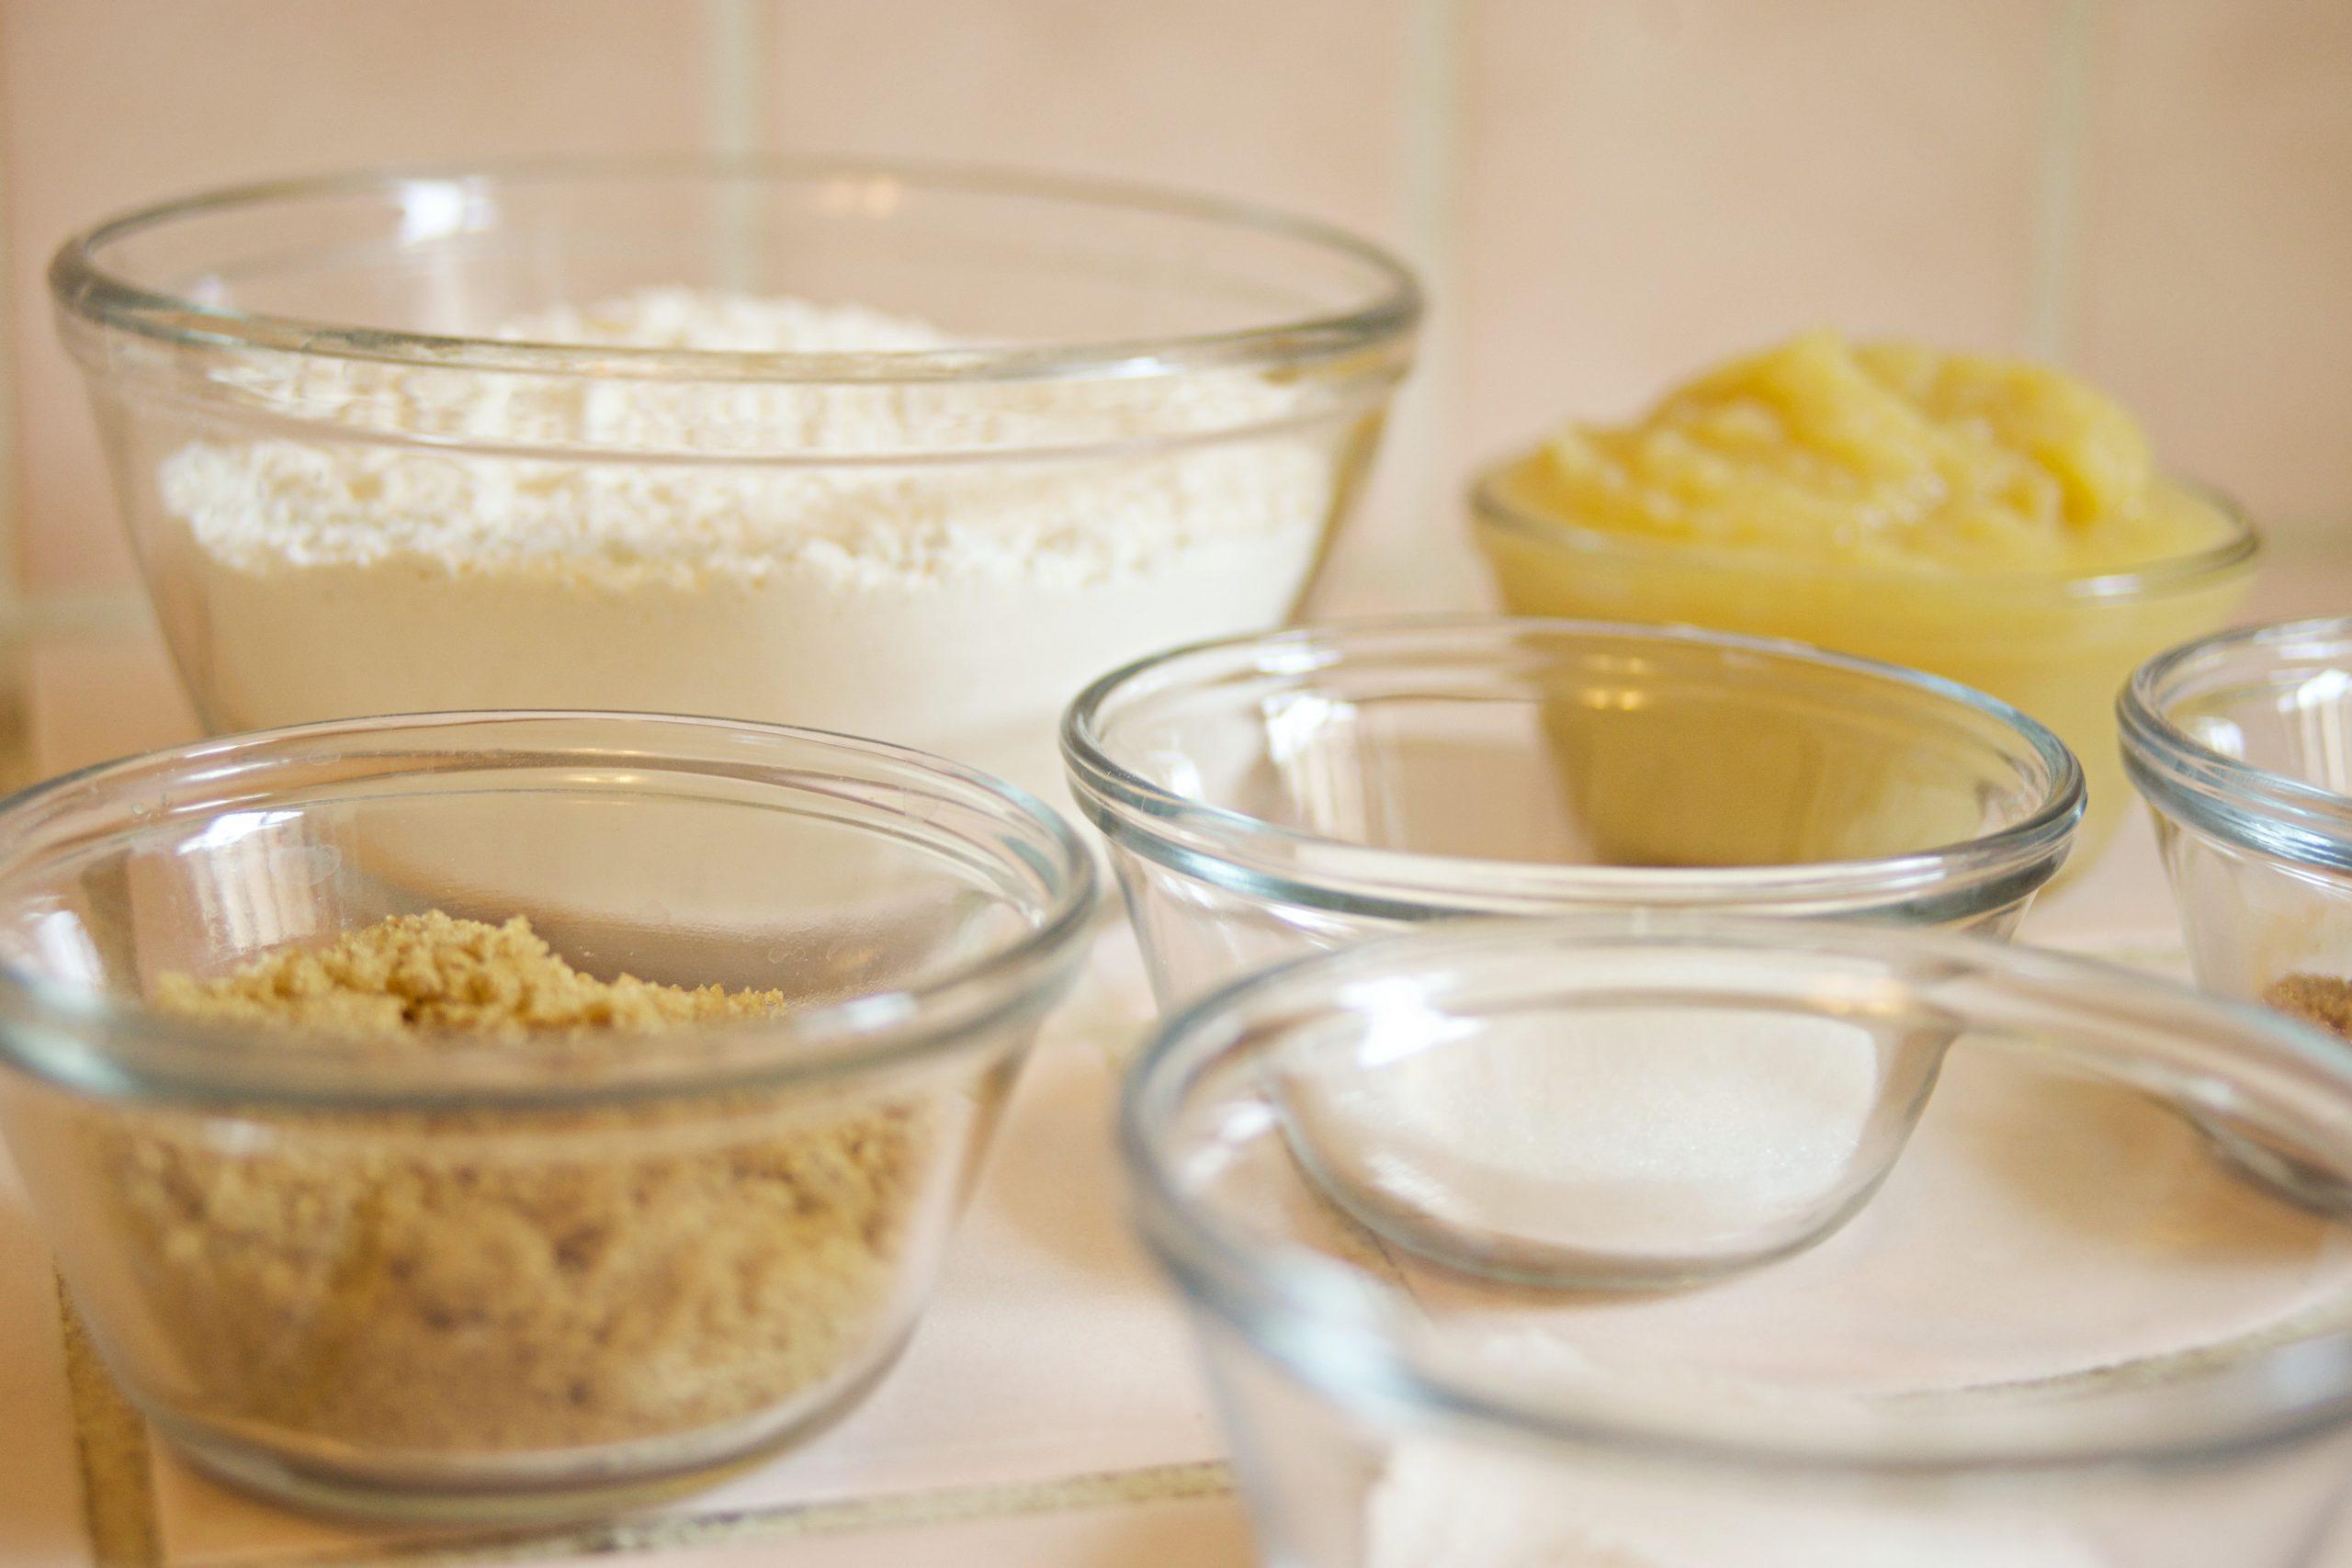 Temps de cuisson des céréales / Substituer les composants par du sans gluten